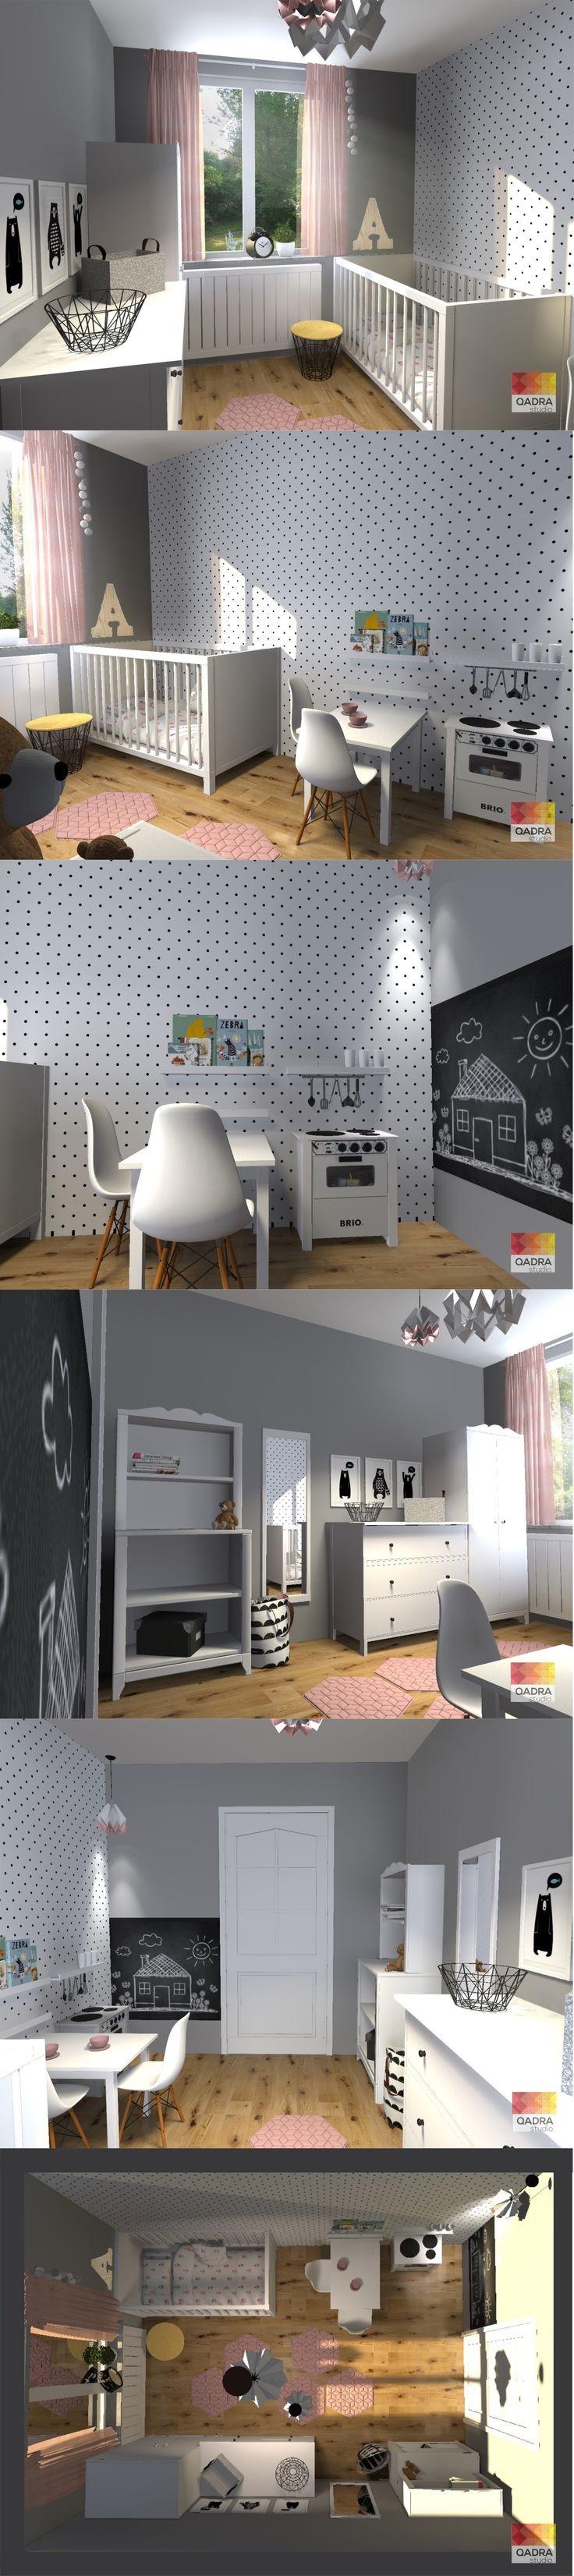 Projekt i wizualizacje: Kamila Mucha QADRA studio. www.qadrastudio.pl www.facebook.pl/qadrastudio  #pokój dla dziewczynki